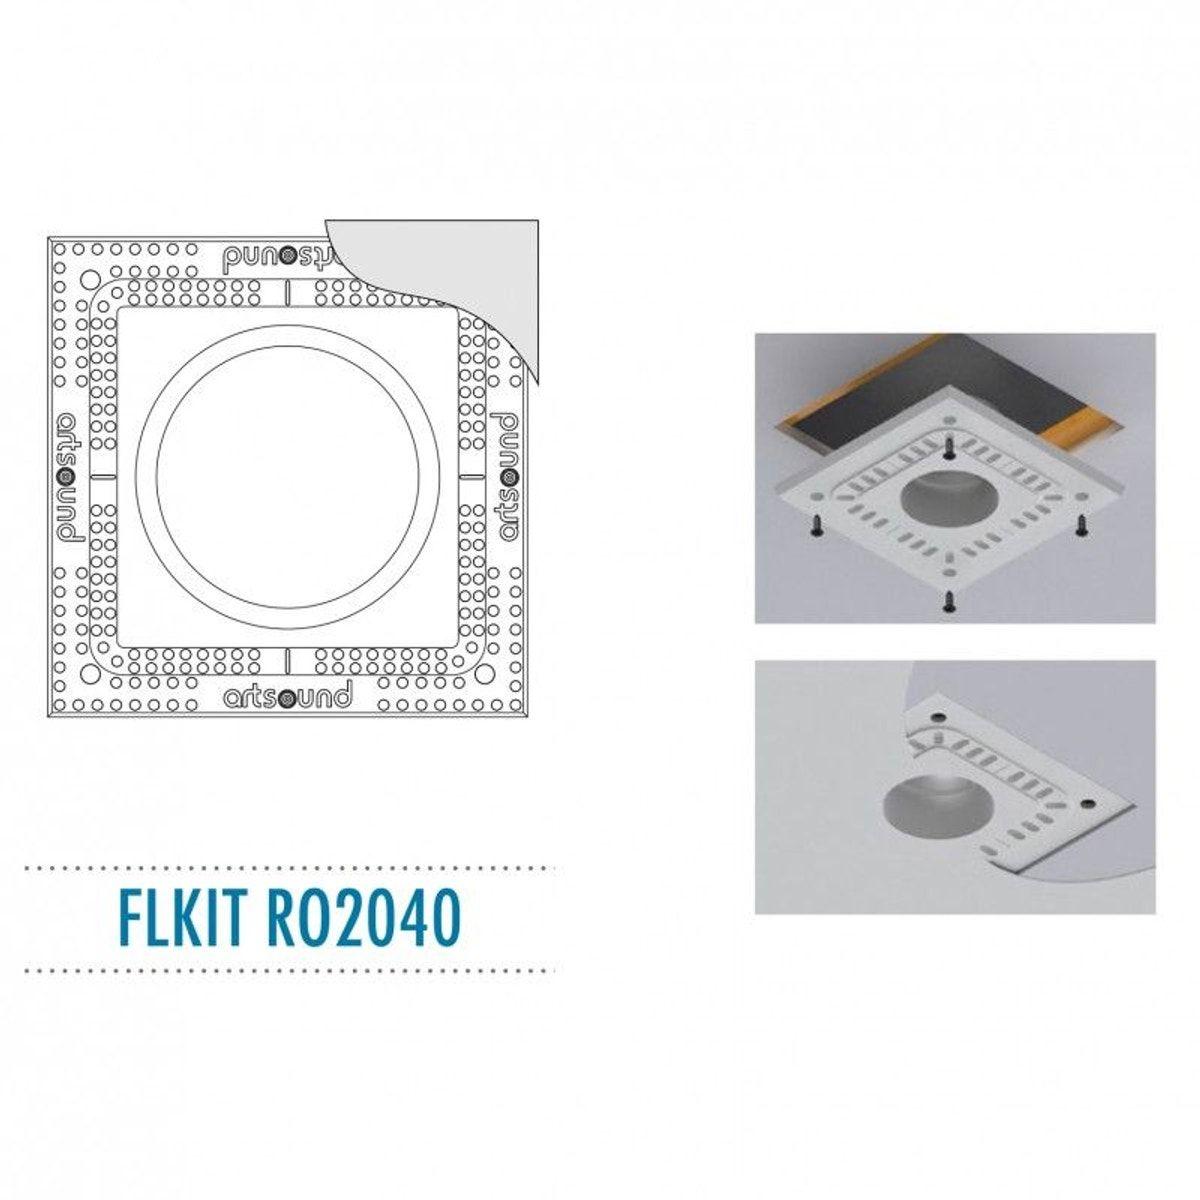 Accessoire Pour Enceinte Encastrable Flkit Ro2040 Unite Taille Taille Unique In 2019 Products Enceinte Unites Accessoires